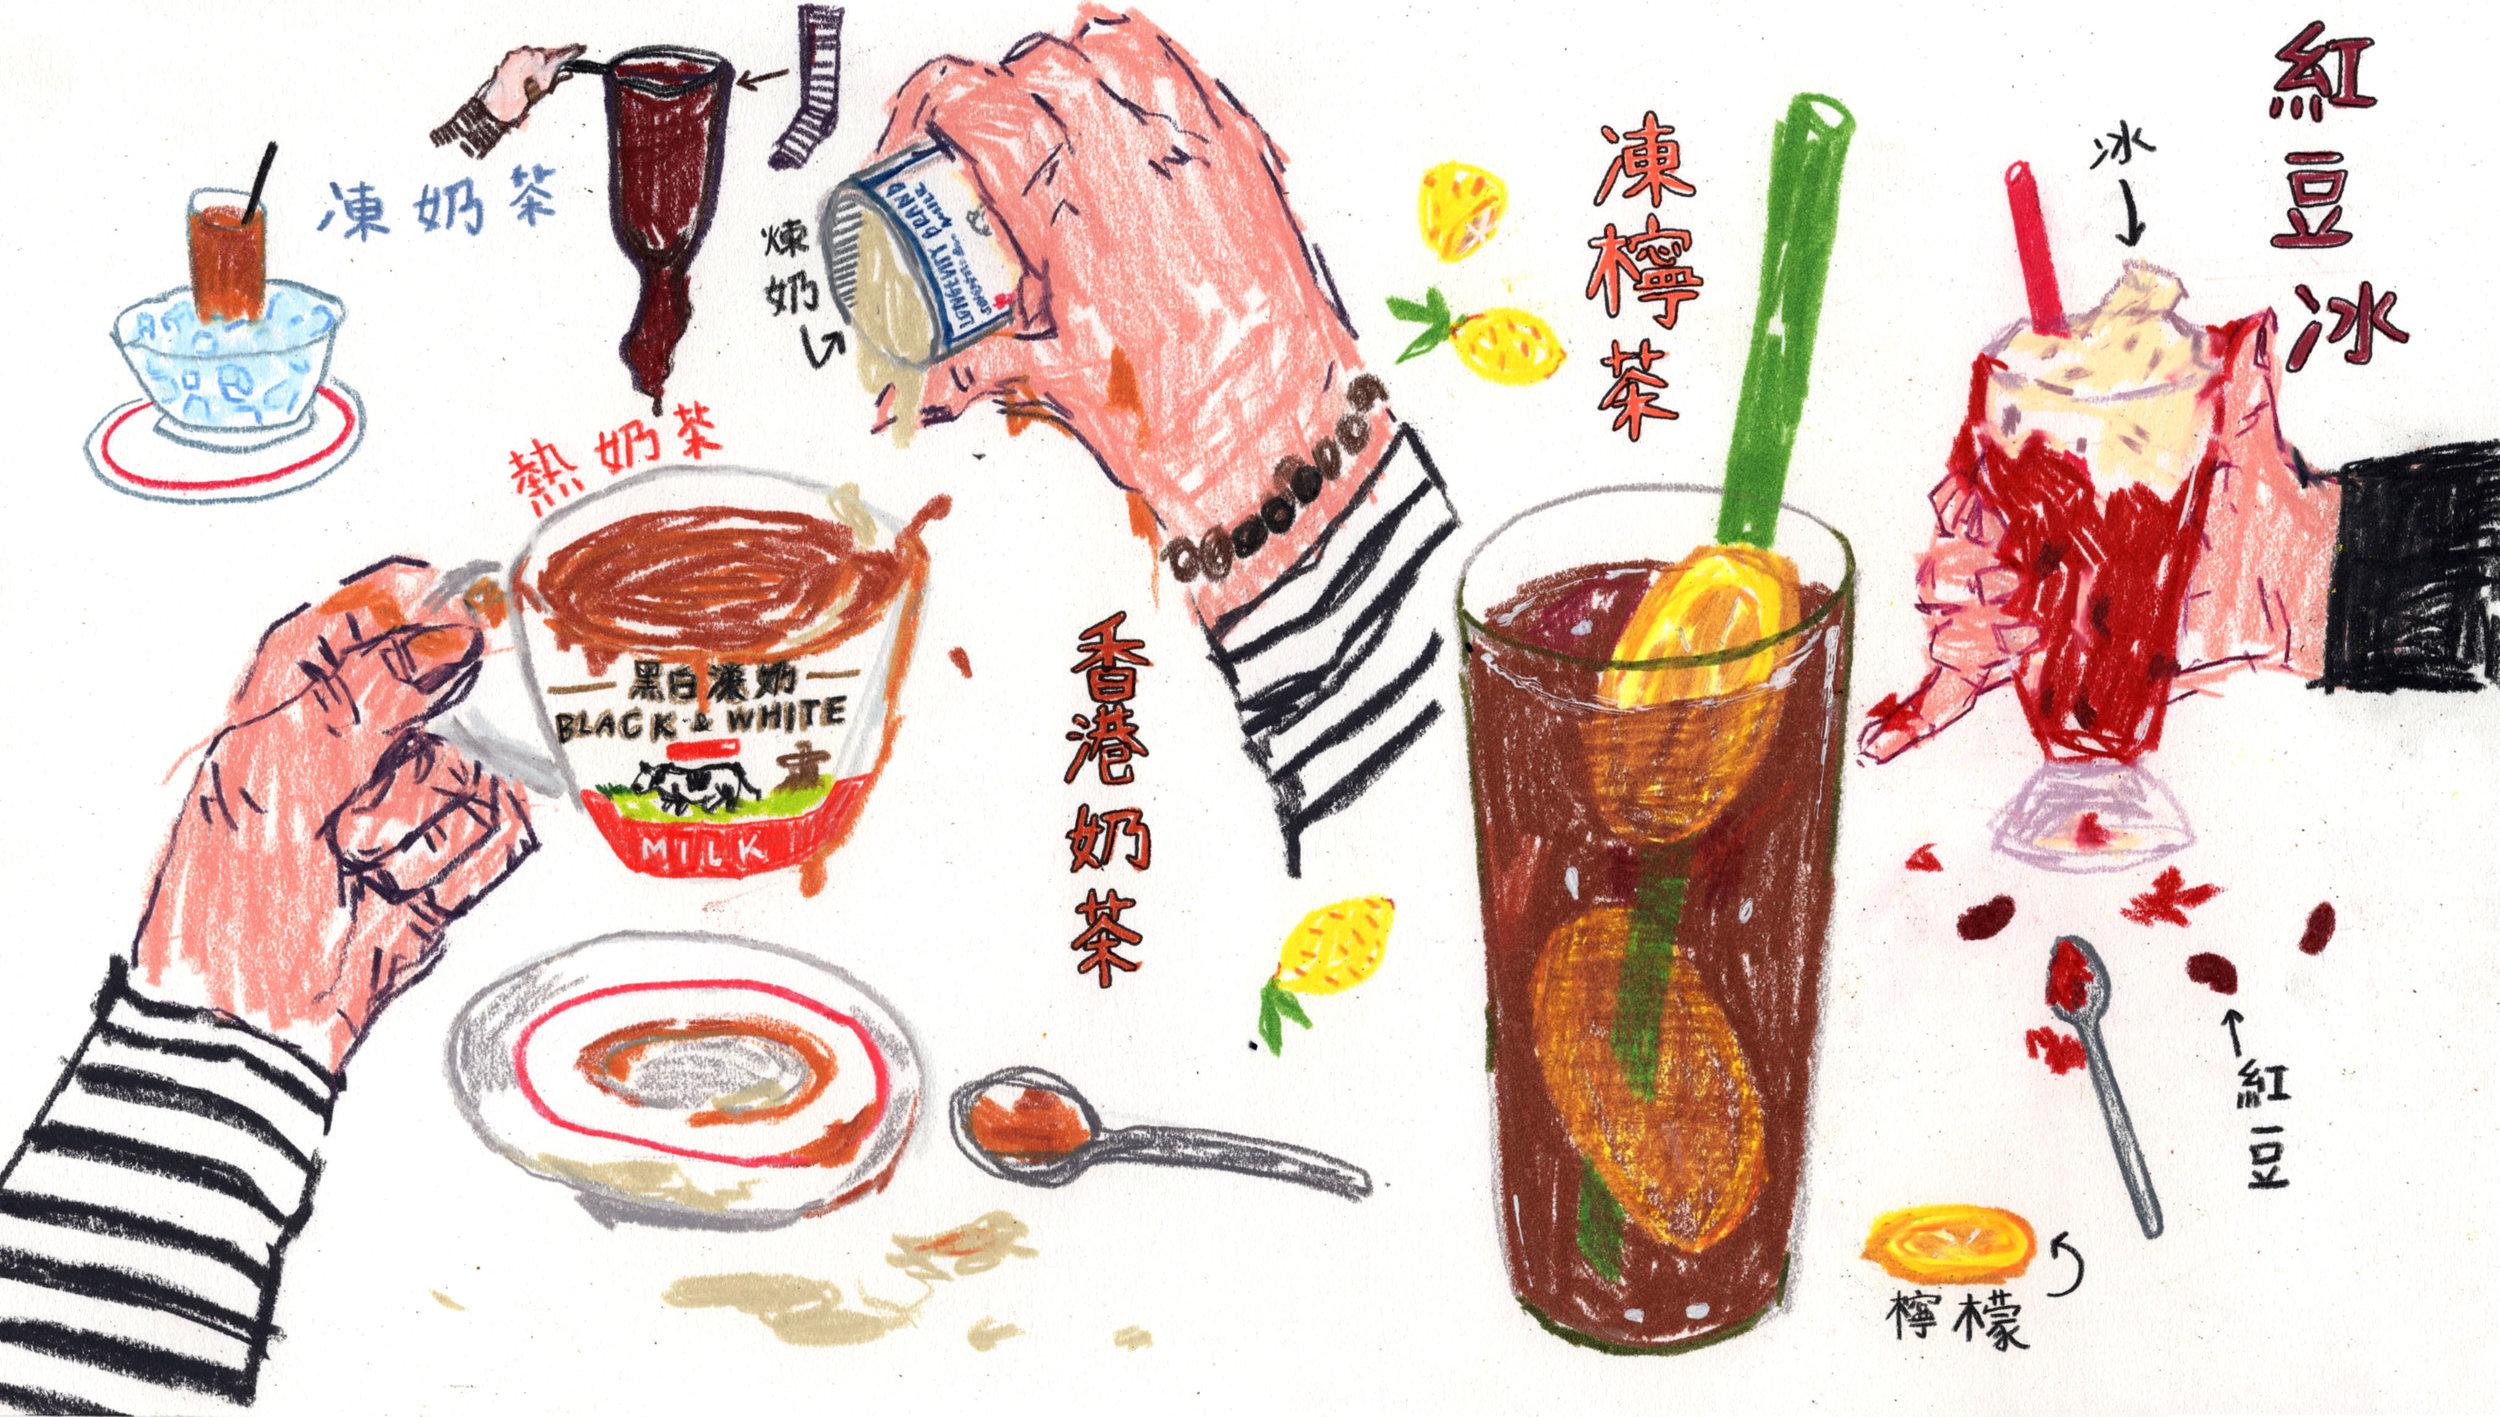 hk drinks.jpg